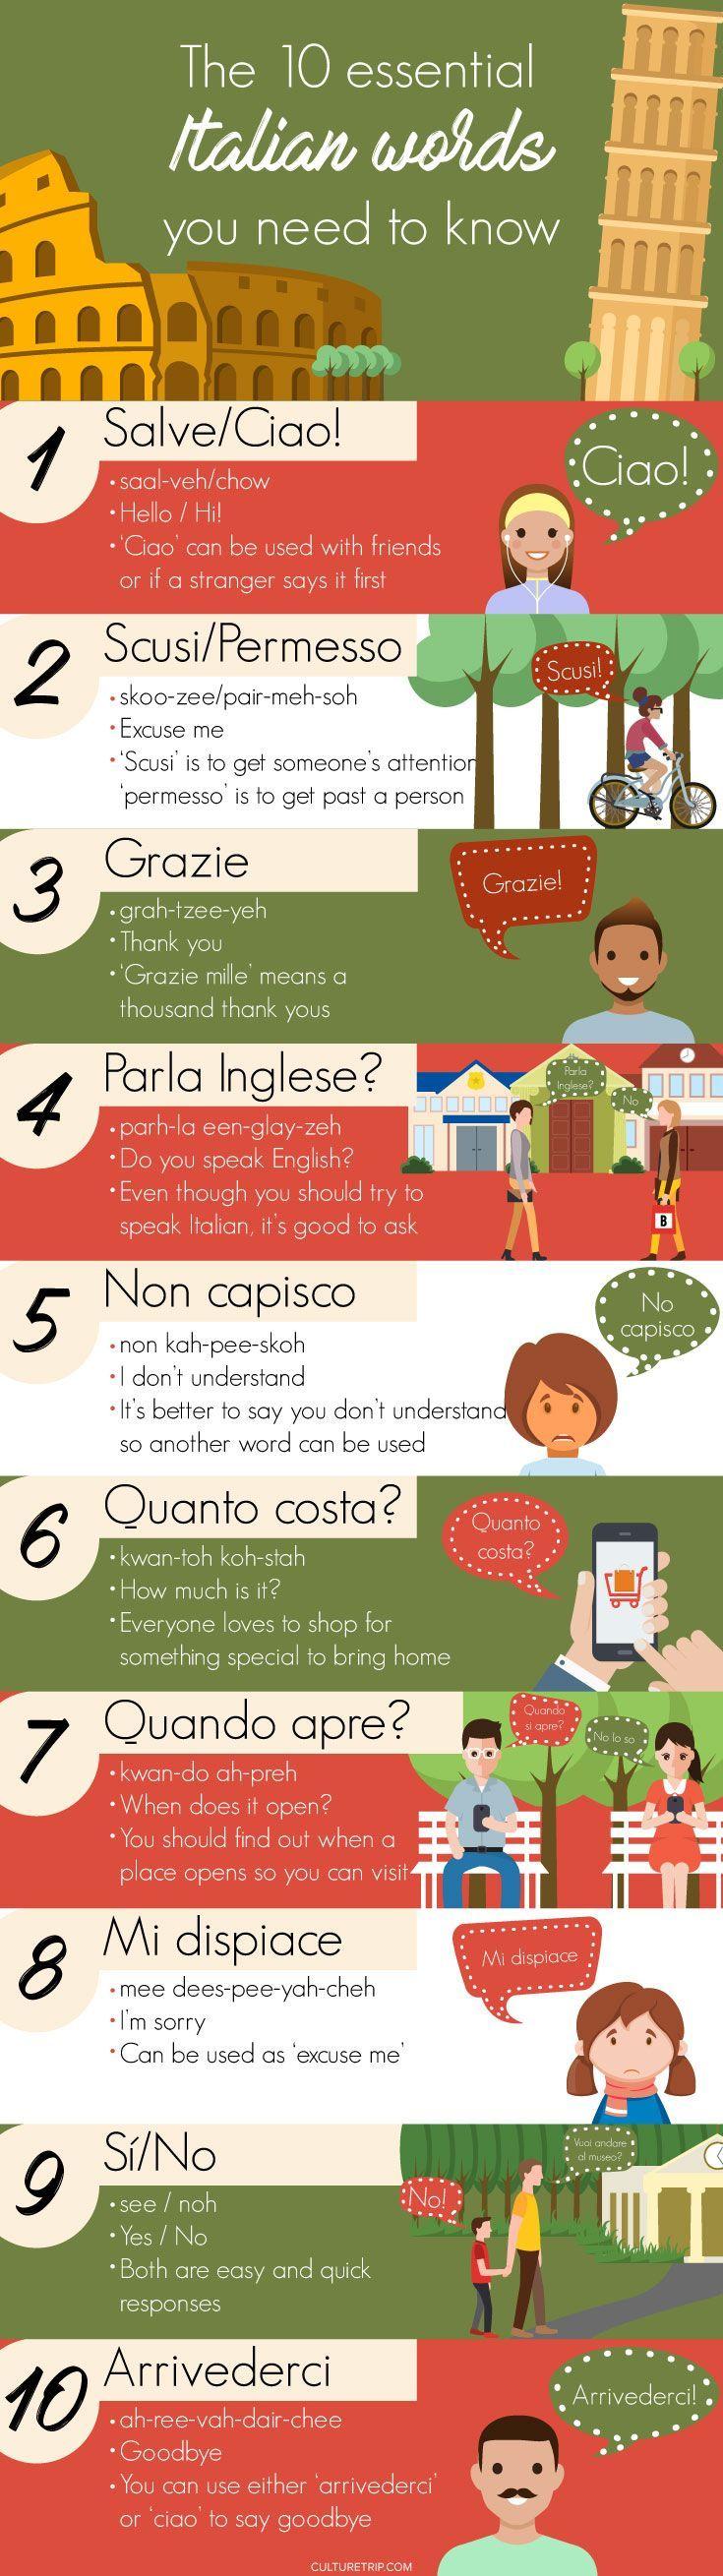 10 palavras em italiano úteis que você precisa saber antes de viajar para a Itália (infográfico)   – Da hiti